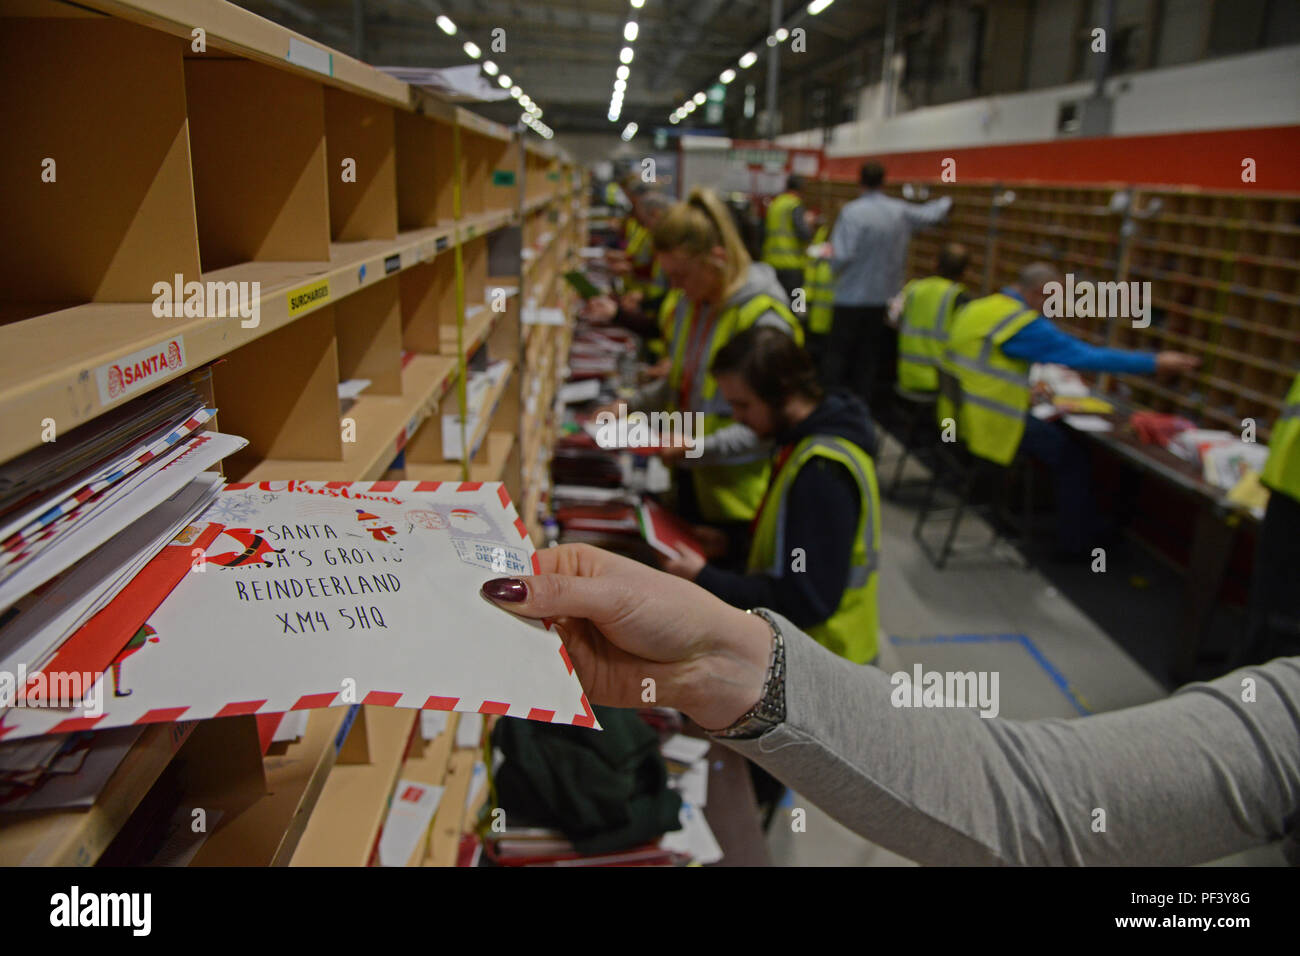 JON SAVAGE FOTOGRAFÍA www.jonsavagephotography.com 07762 580971 14 de diciembre de 2017, Royal Mail personal a preparar la gran cantidad de puesto de Navidad Foto de stock